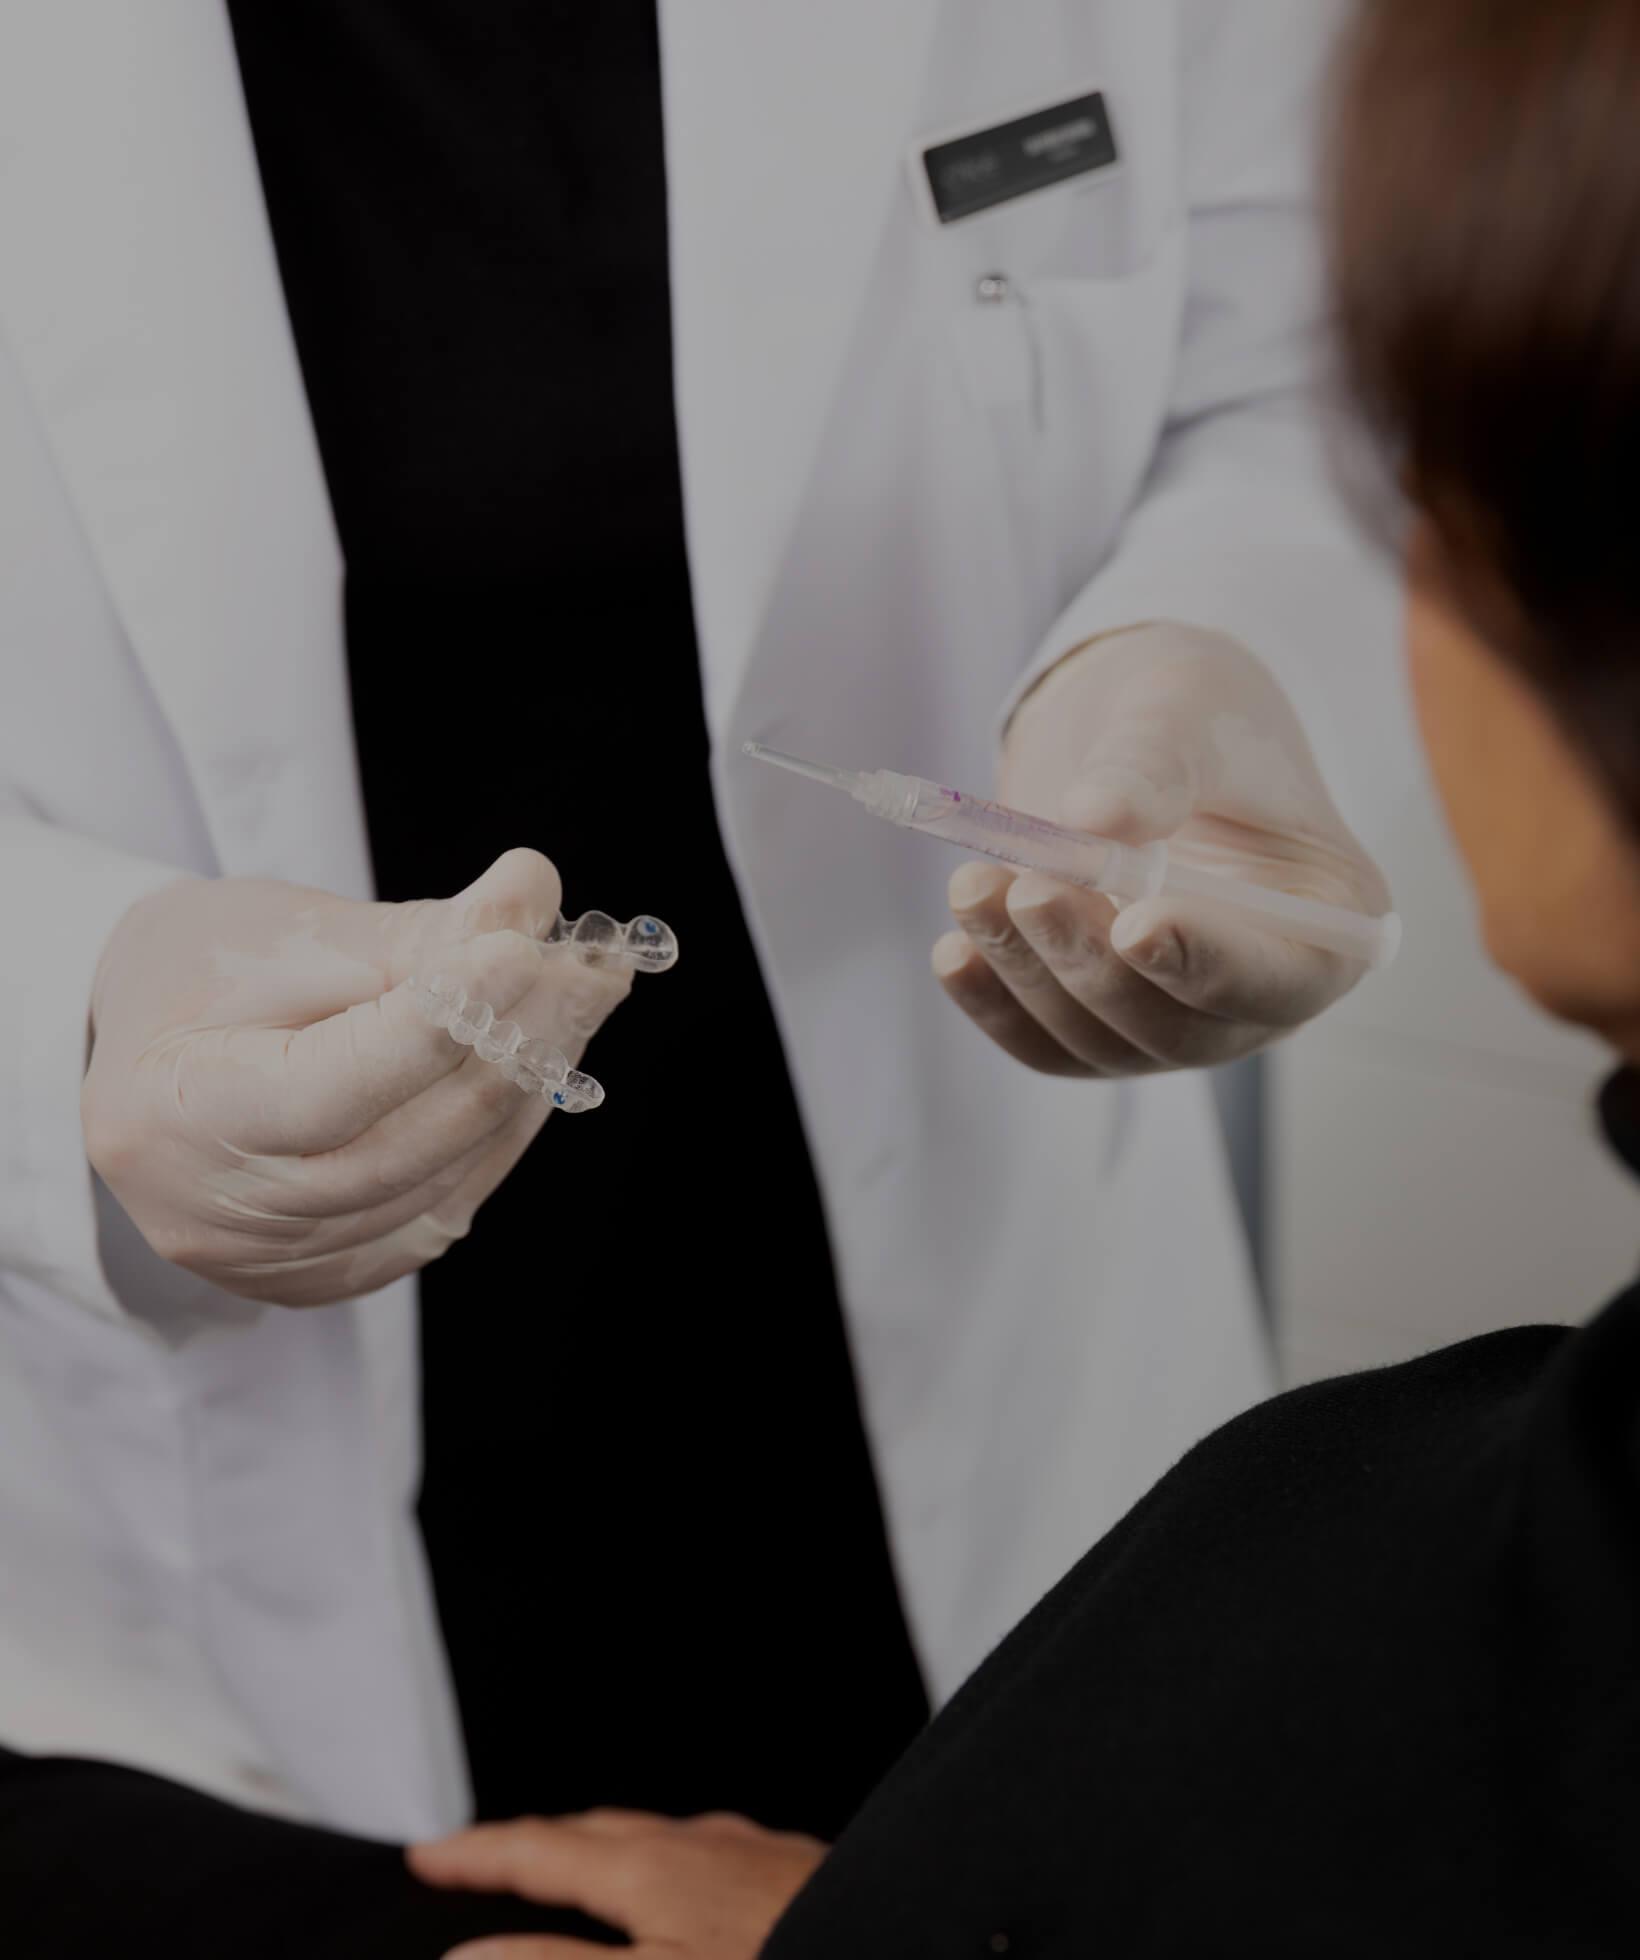 Le dentiste de la Clinique Chloé expliquant le fonctionnement du blanchiment dentaire à une patiente